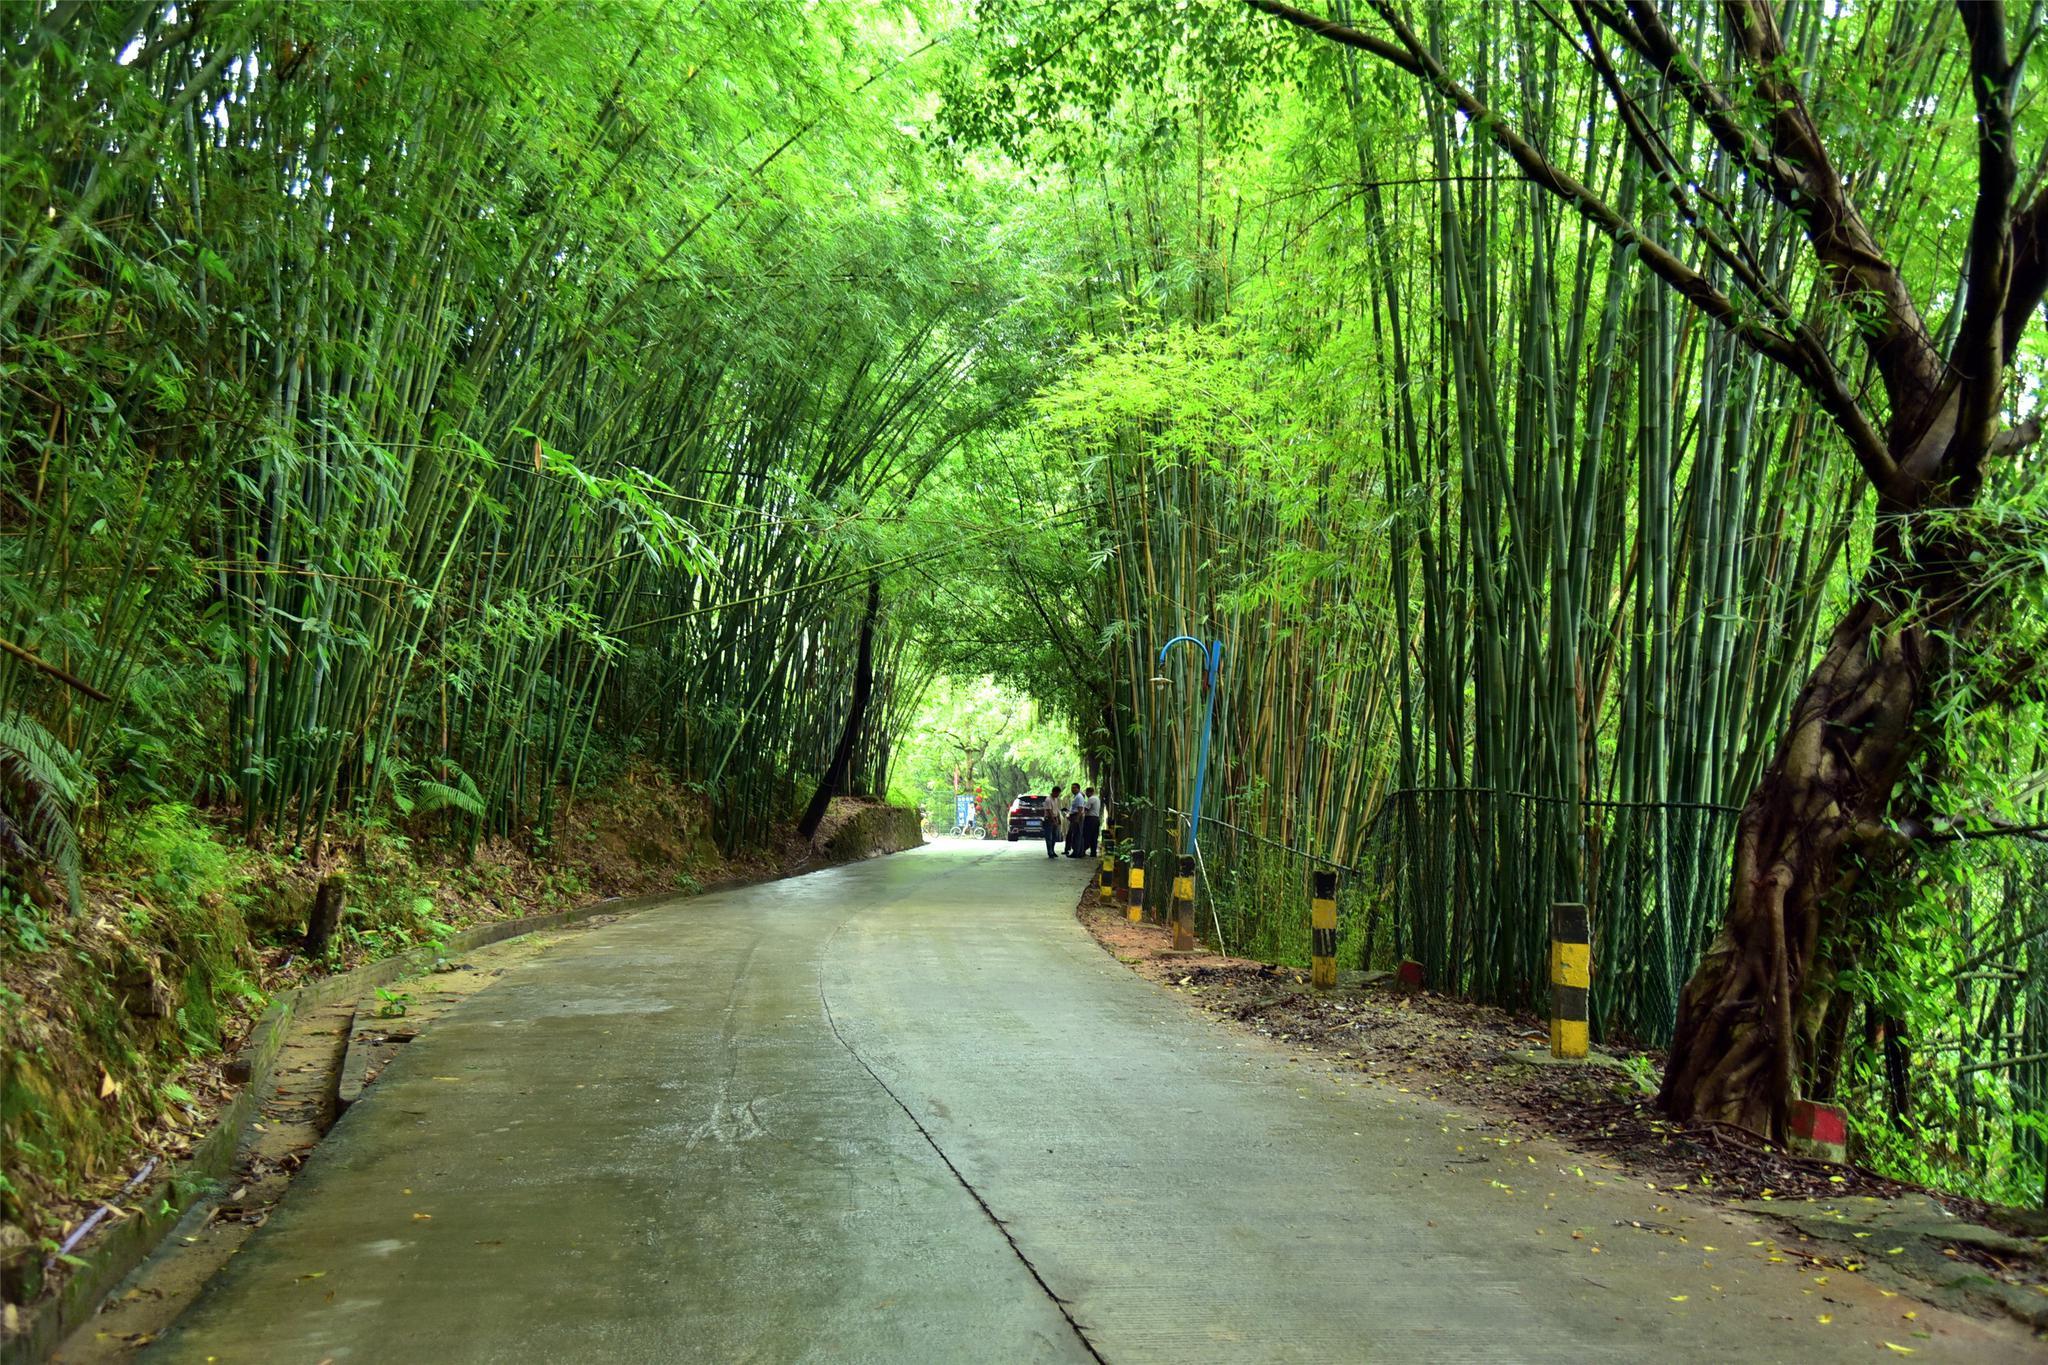 肇庆市广宁县长寿老人多,75岁还去砍竹子赚钱称